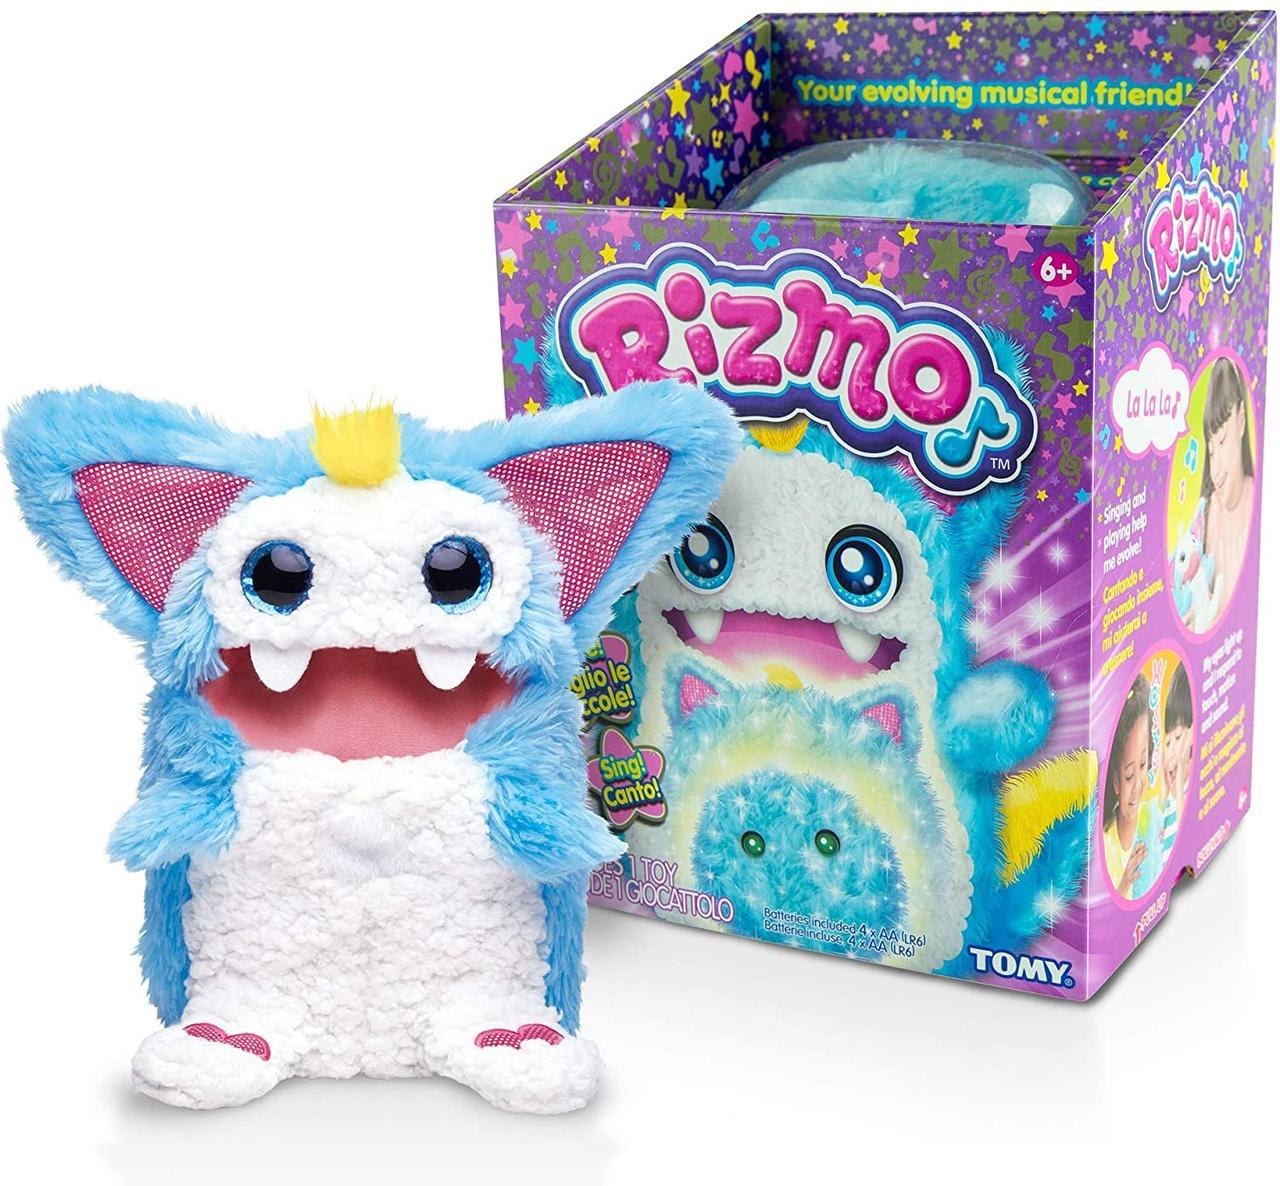 Ризмо интерактивный музыкальный питомец голубой Rizmo Evolving Musical Friend Interactive Plush Toy, Aqua